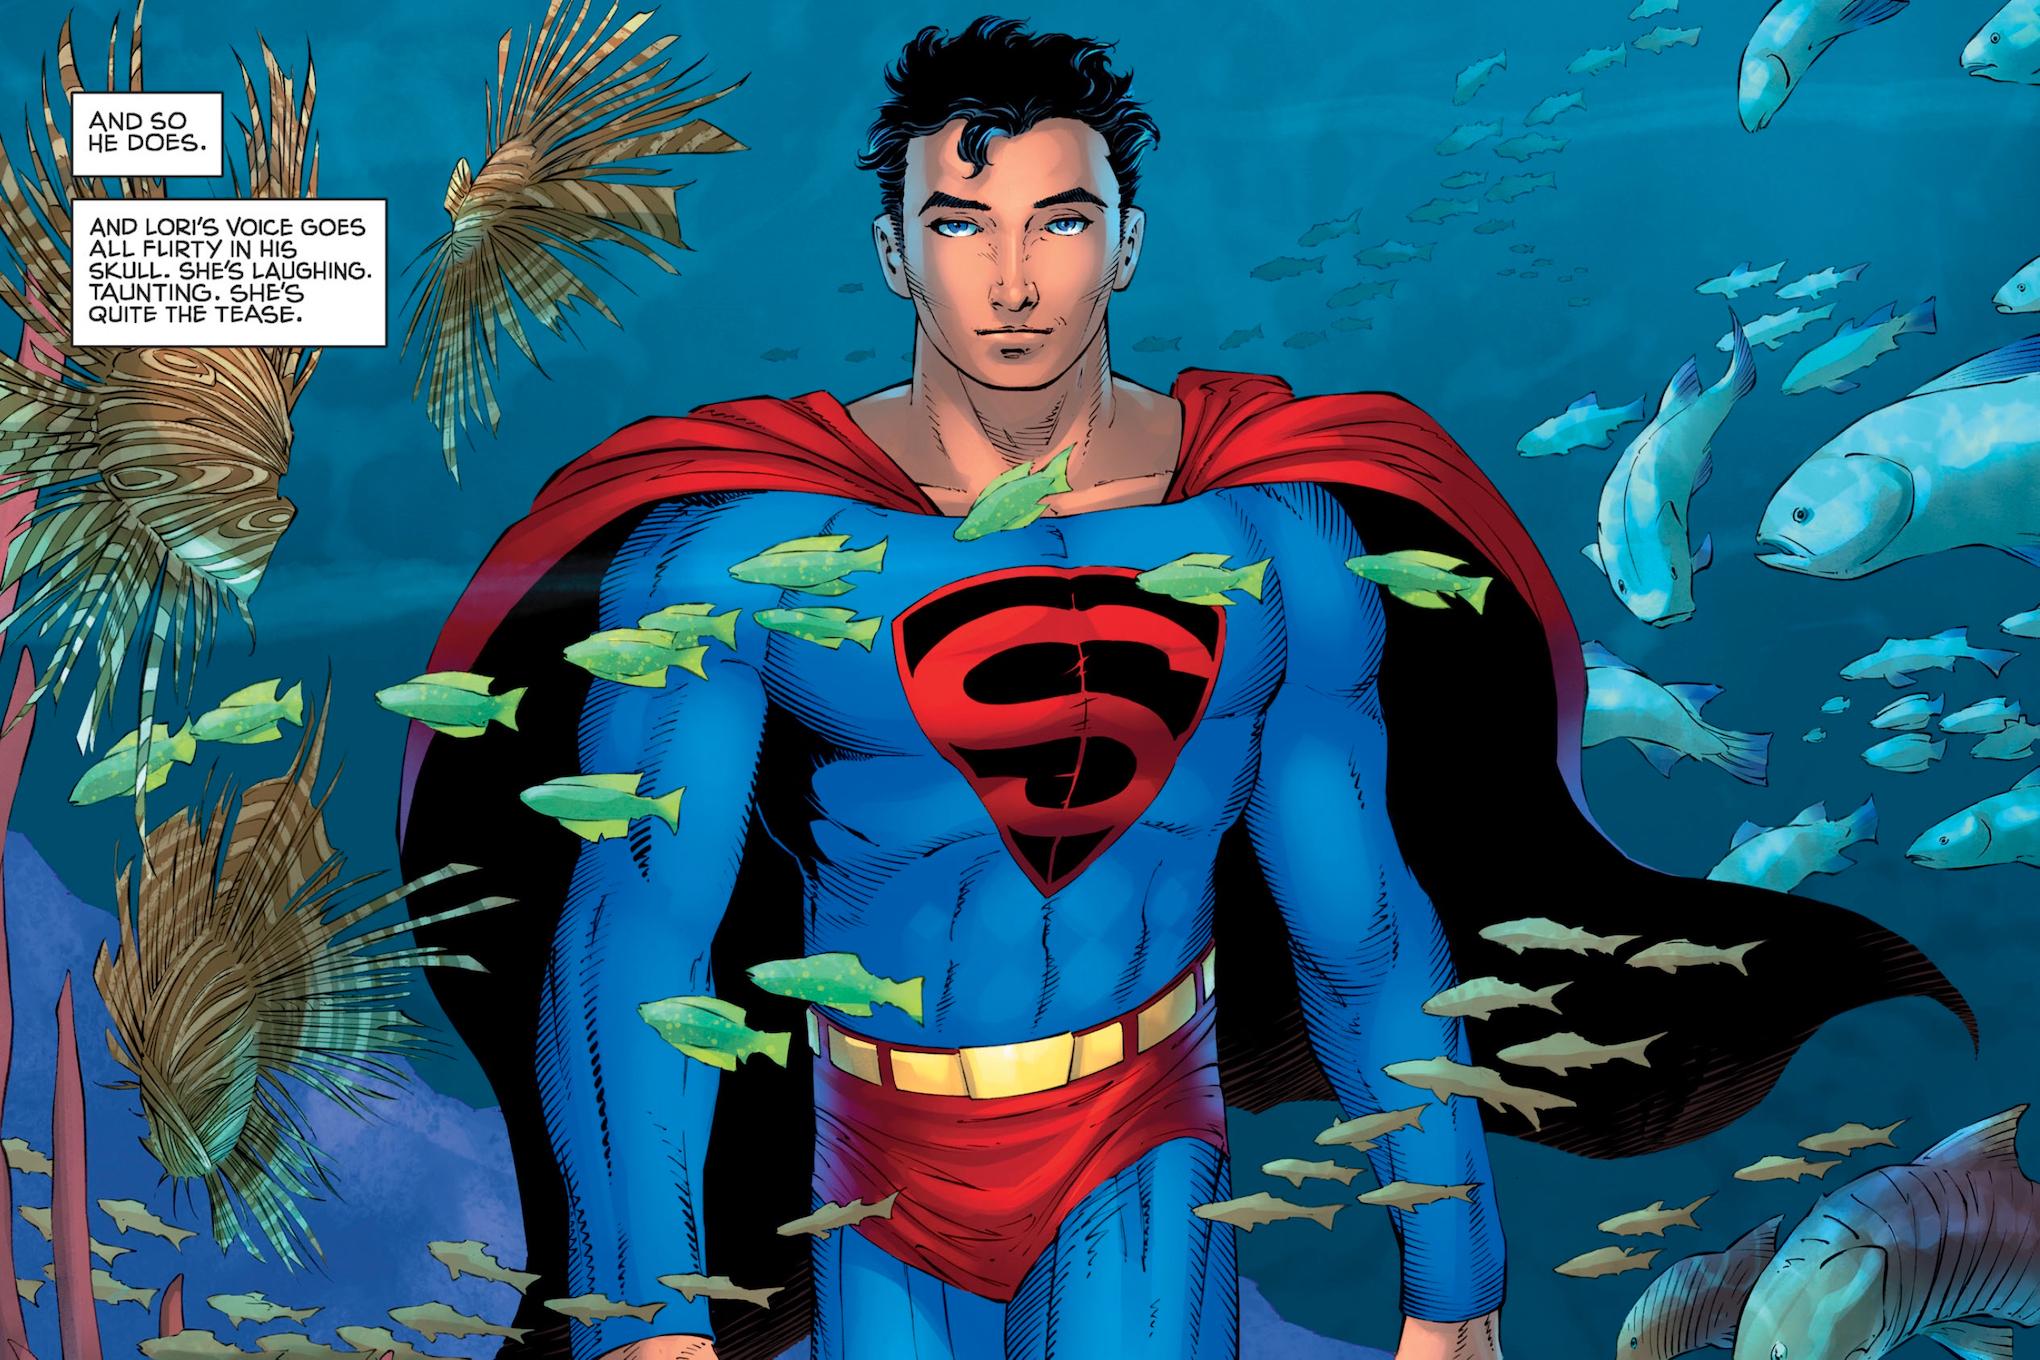 Yes, Superman banged a mermaid last week